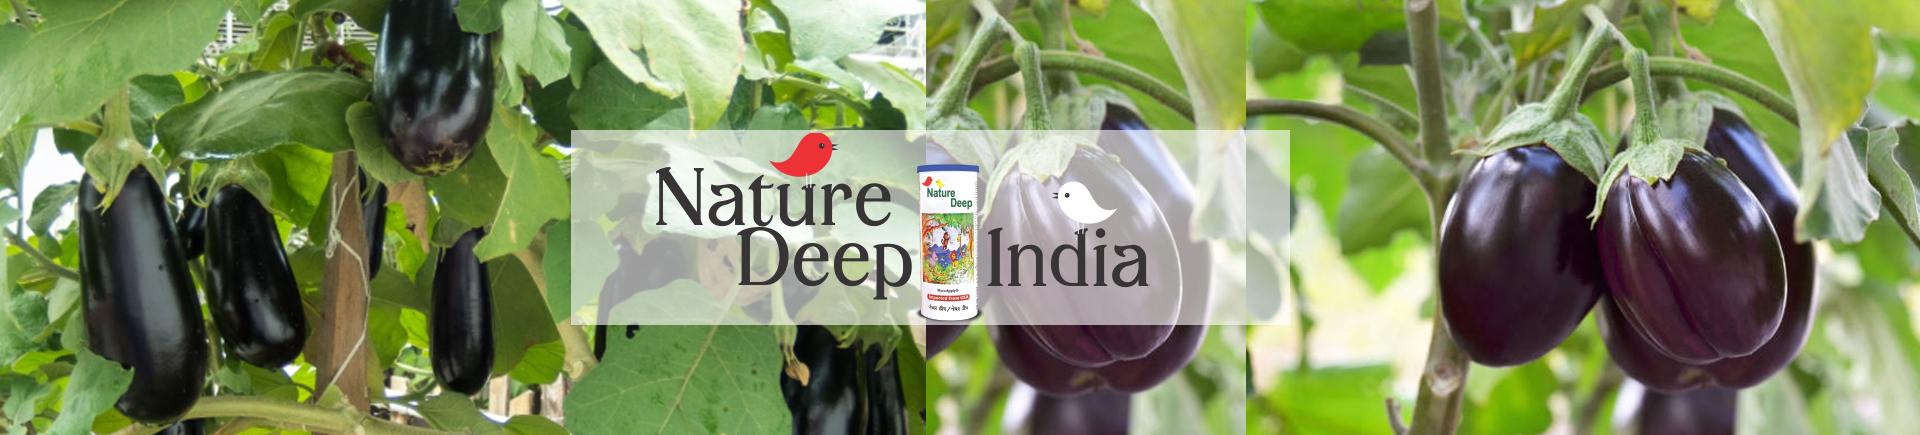 naturedeep in Eggplant crop desktop